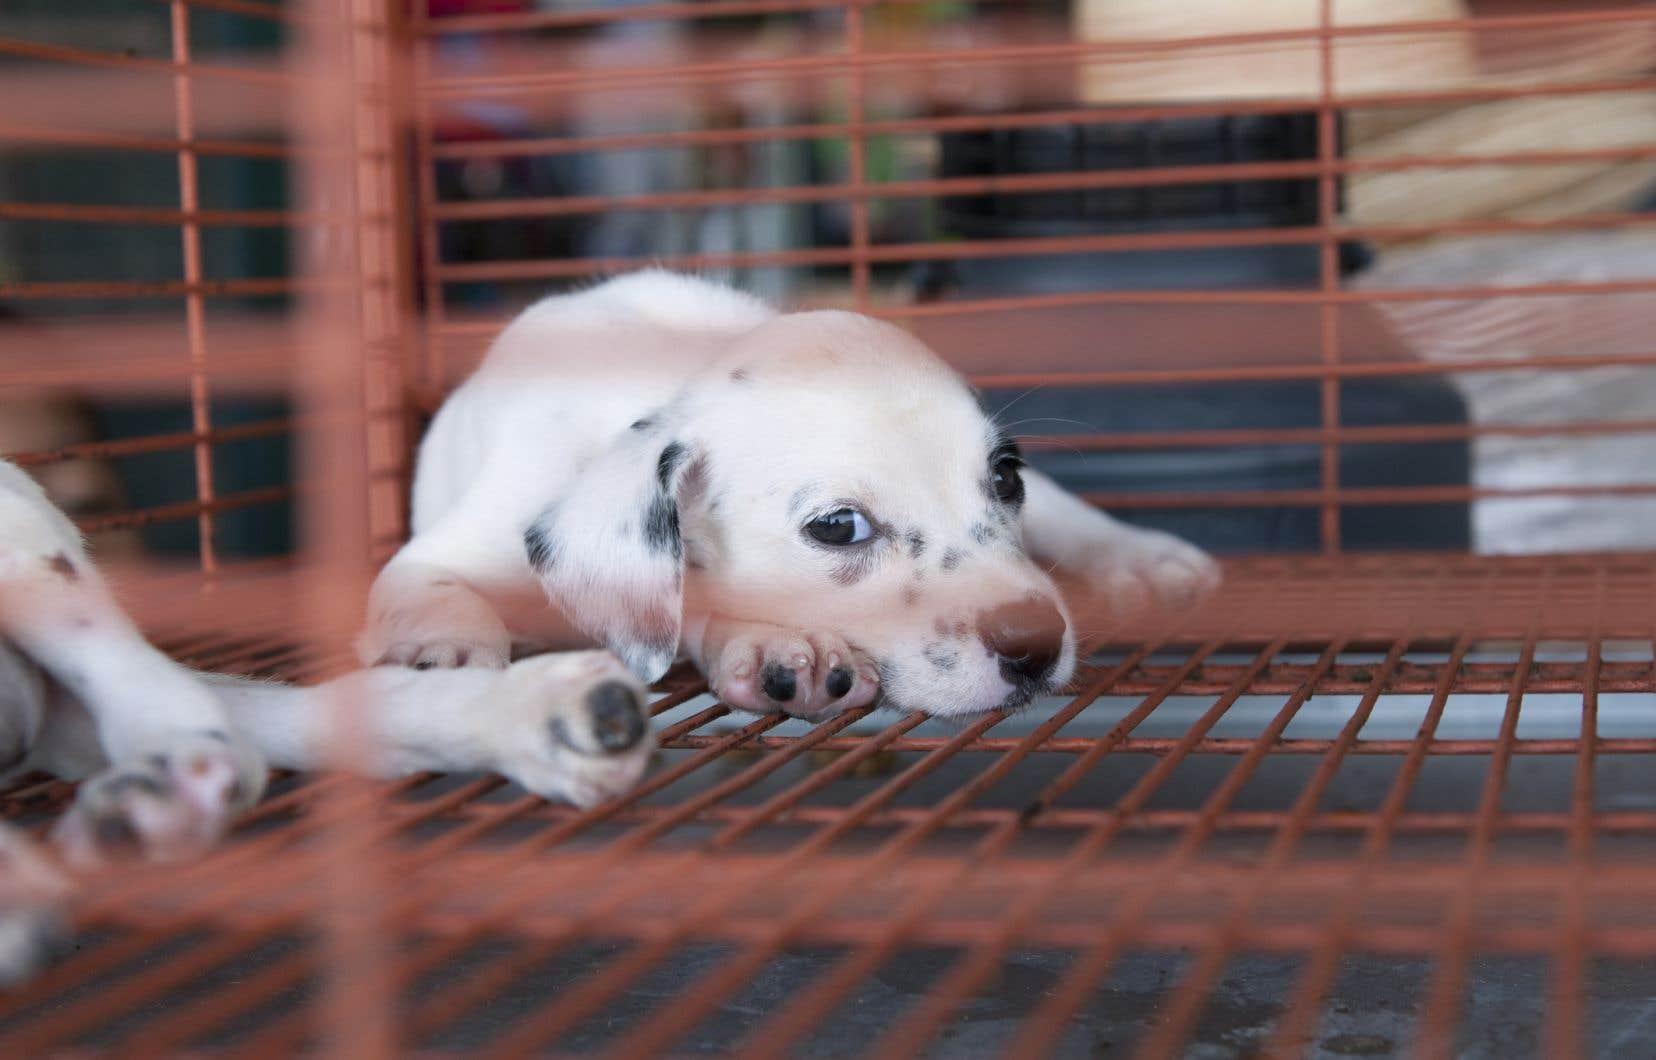 L'interdiction concernera chiens et chats, pas les petits mammifères de compagnie tels que les lapins ou les cobayes.